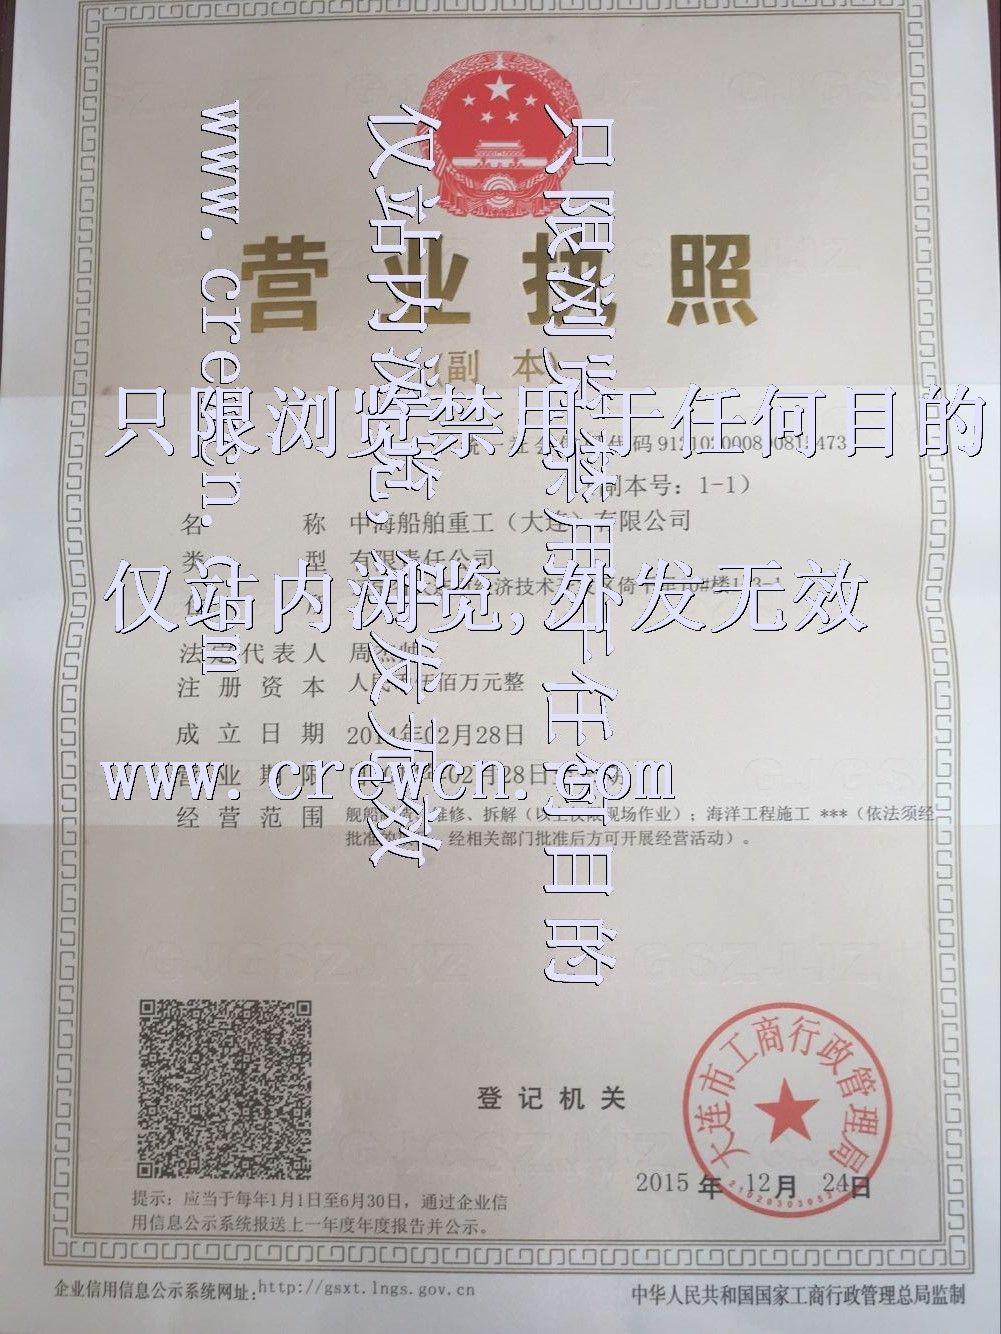 庄河招聘网_中海船舶重工(大连)有限公司-船员招聘企业-中国船员招聘网